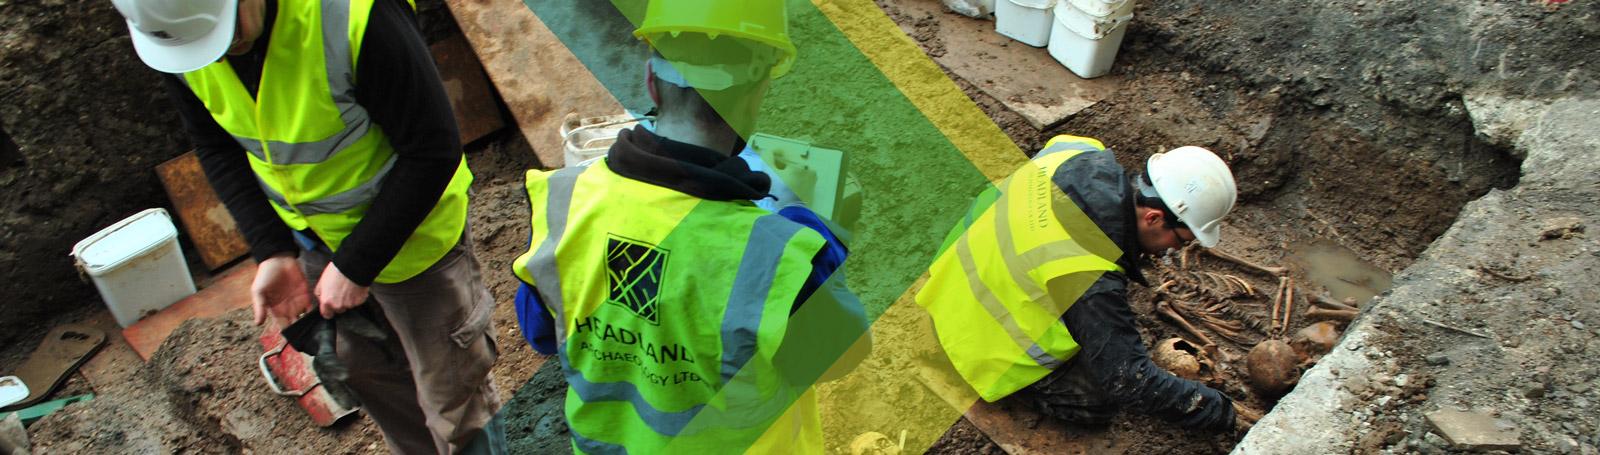 Headland Workers Finding Bones